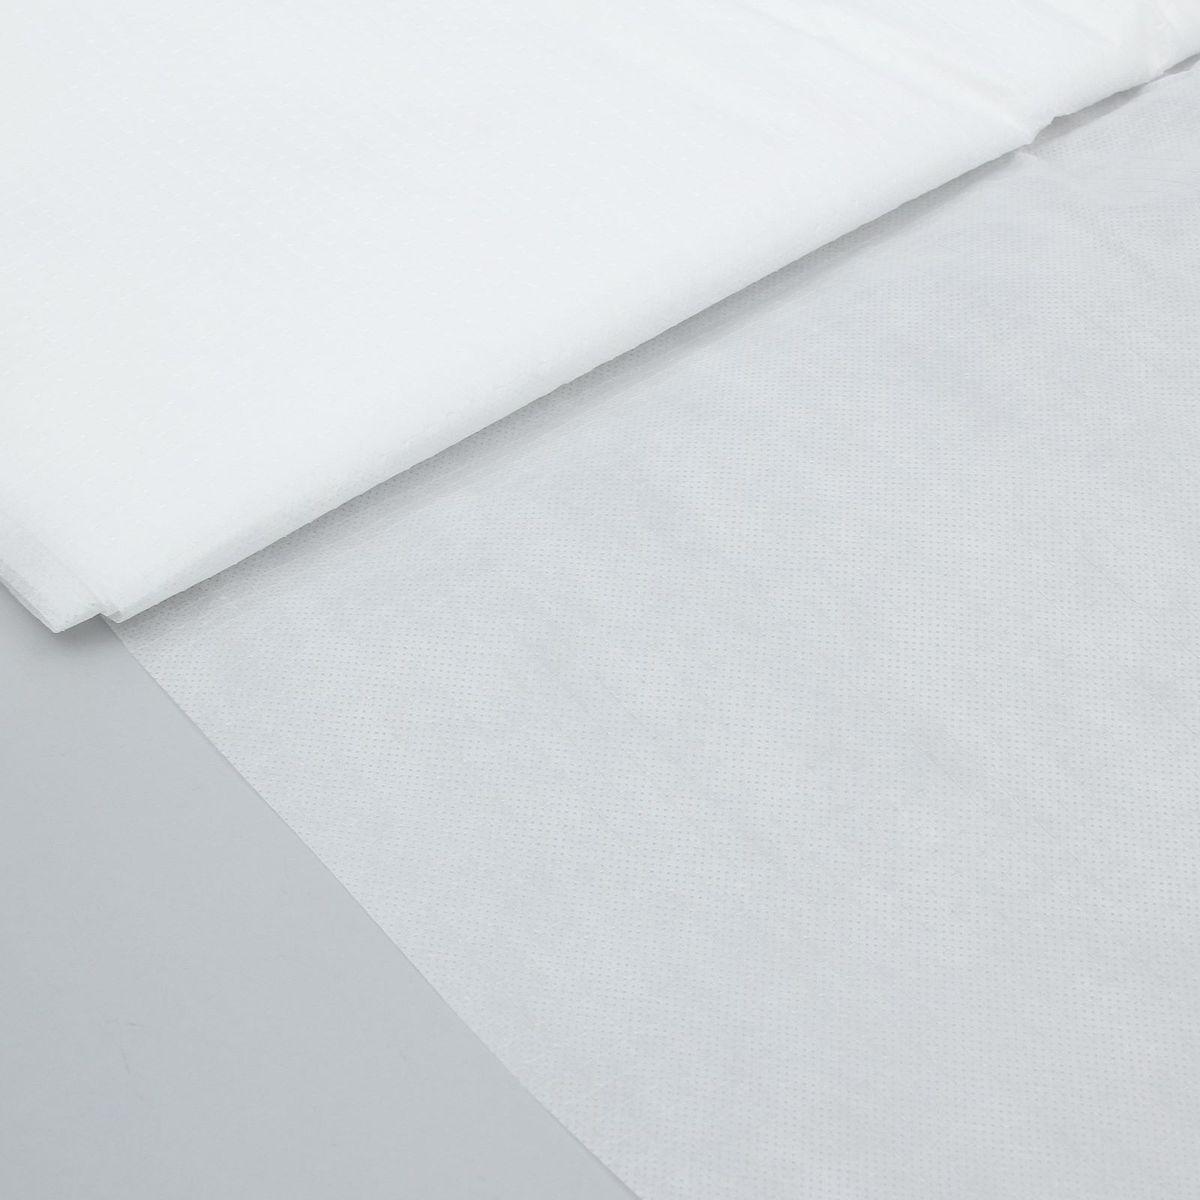 Материал укрывной Агротекс, водонепроницаемый, армированный, с защитой от конденсата, цвет: белый, 5 х 3 мGC204/30Как сделать теплицу или парник ещё более эффективными, не затрачивая при этом космические суммы на дорогостоящие удобрения? Отличные новости: у нас появилась новинка, которая исполнит ваше желание —это водонепроницаемый армированный укрывной материал с защитой от конденсата.Изделие имеет ряд важных преимуществ:ускоряет развитие растенийповышает урожайностьзащищает растения от заморозков, ожогов и конденсата.Укрывочный материал «Арготекс» заставит вас раз и навсегда забыть о привычных полиэтилене, стеклопластике и поликарбонате.Как это работает?ламинирующий слой гарантирует водонепроницаемость материаласлой нетканого материала избавляет от конденсата и эффекта линзы на внутренней стороне укрытияармирующий слой увеличивает прочность нетканого материала и позволяет применять его в течение нескольких сезонов.Плотность материала — 80 г,м?. Размер — 3 х 5 м.Просто накройте каркас материалом «Агротекс», и отличные результаты обрадуют вас уже очень скоро!